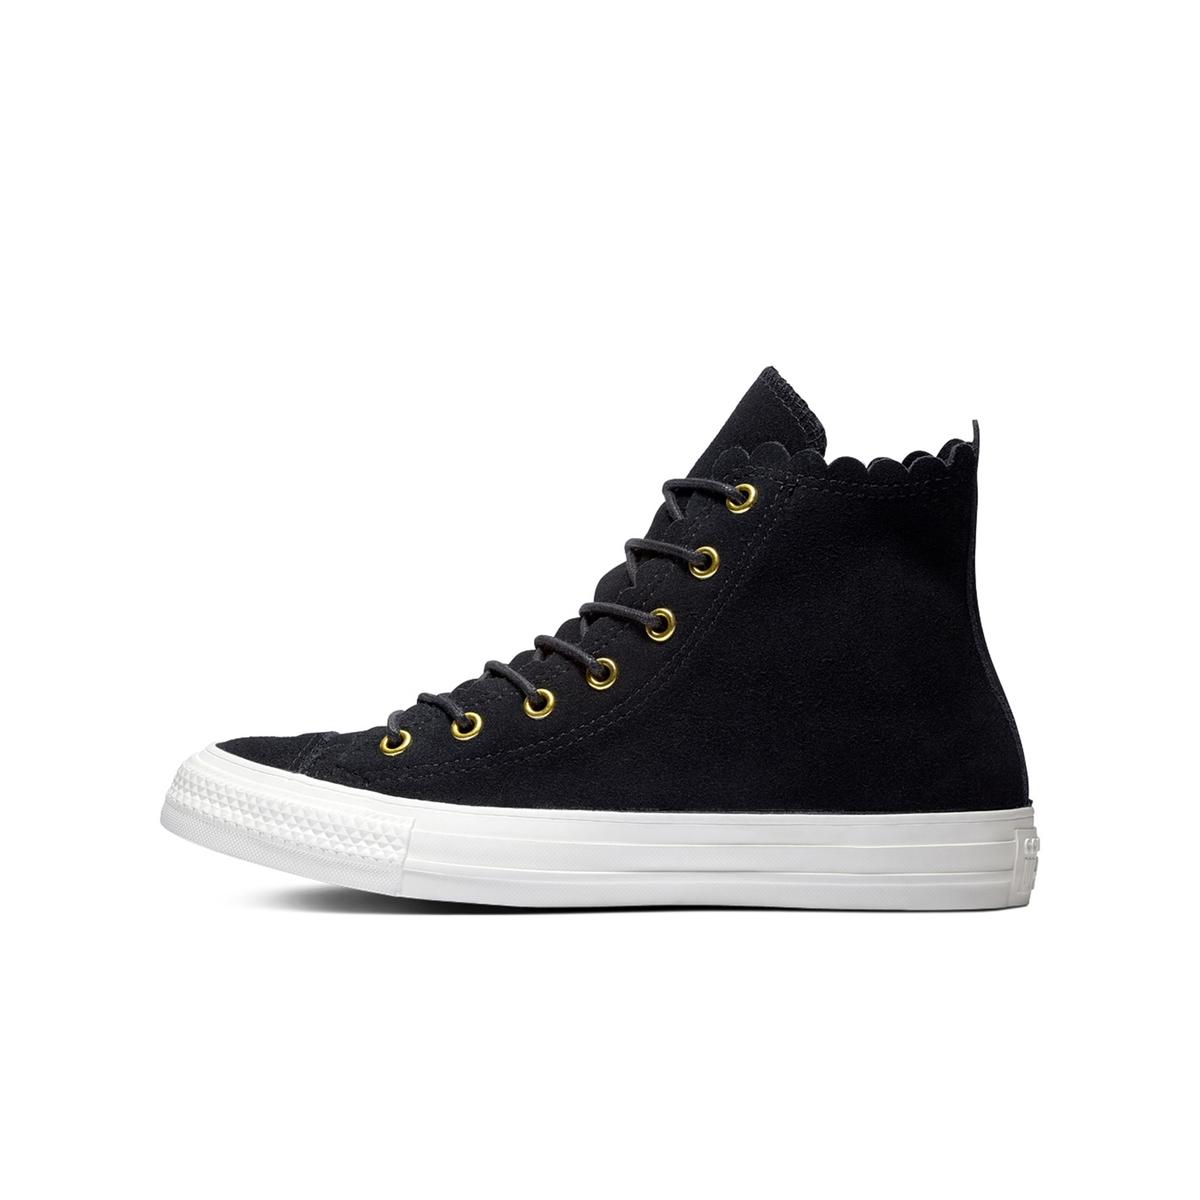 Imagen secundaria de producto de Zapatillas de piel Chuck Taylor All Star - Converse